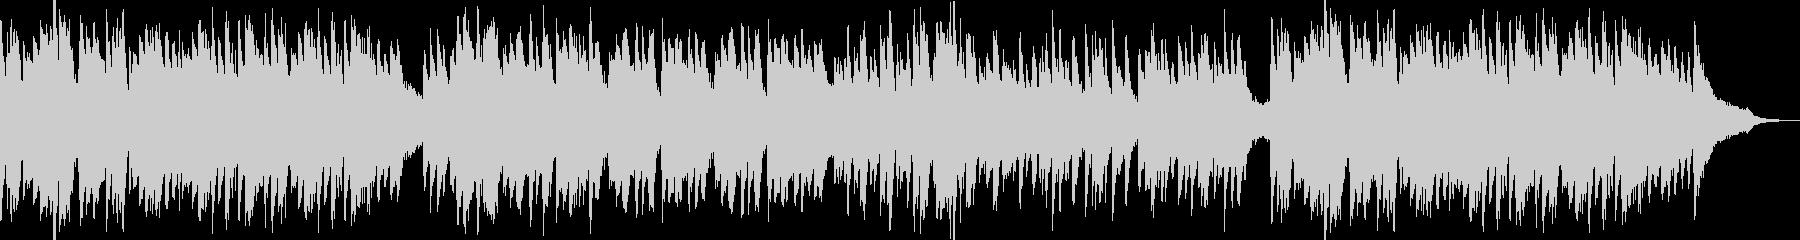 感動的なシーンのBGMに使えるピアノ曲の未再生の波形